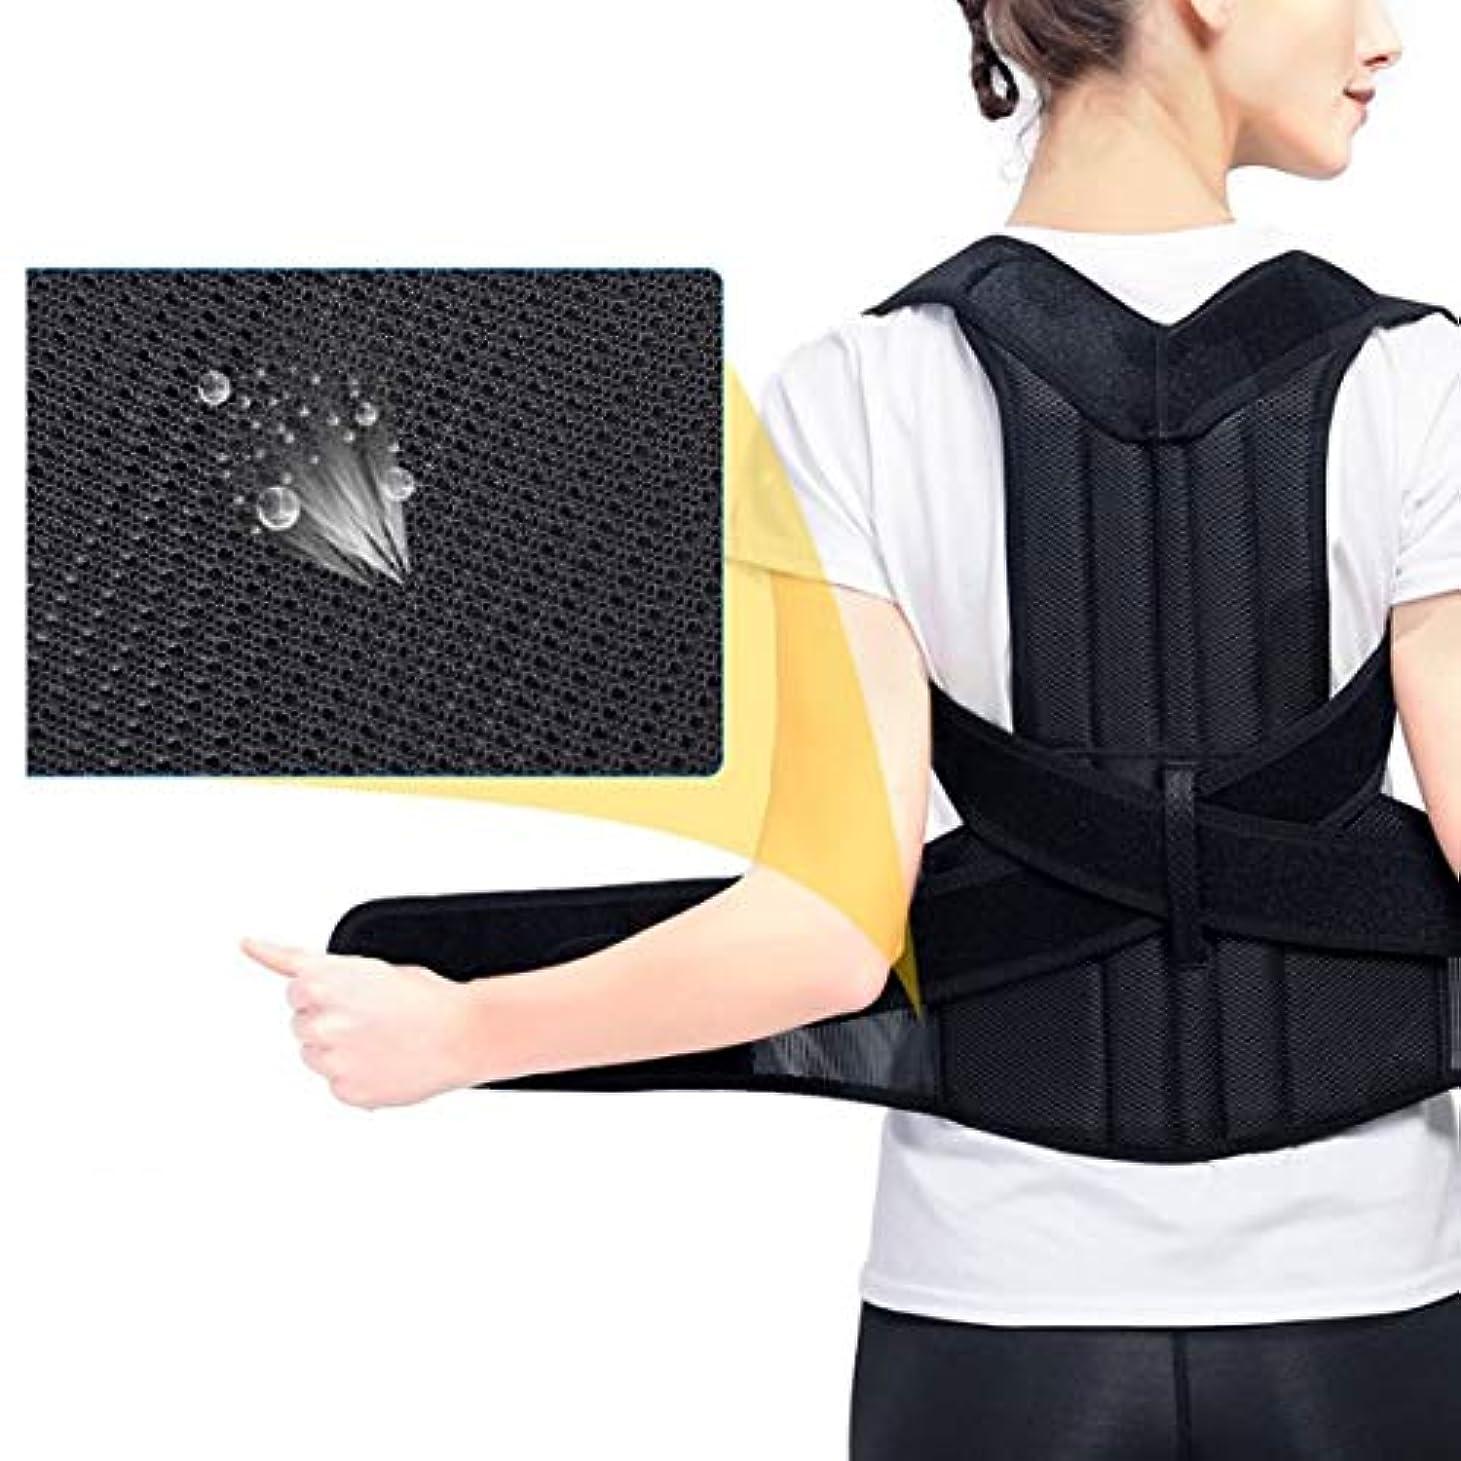 フライトローブアーティファクト腰椎矯正バックブレース背骨装具側弯症腰椎サポート脊椎湾曲装具固定用姿勢 - 黒